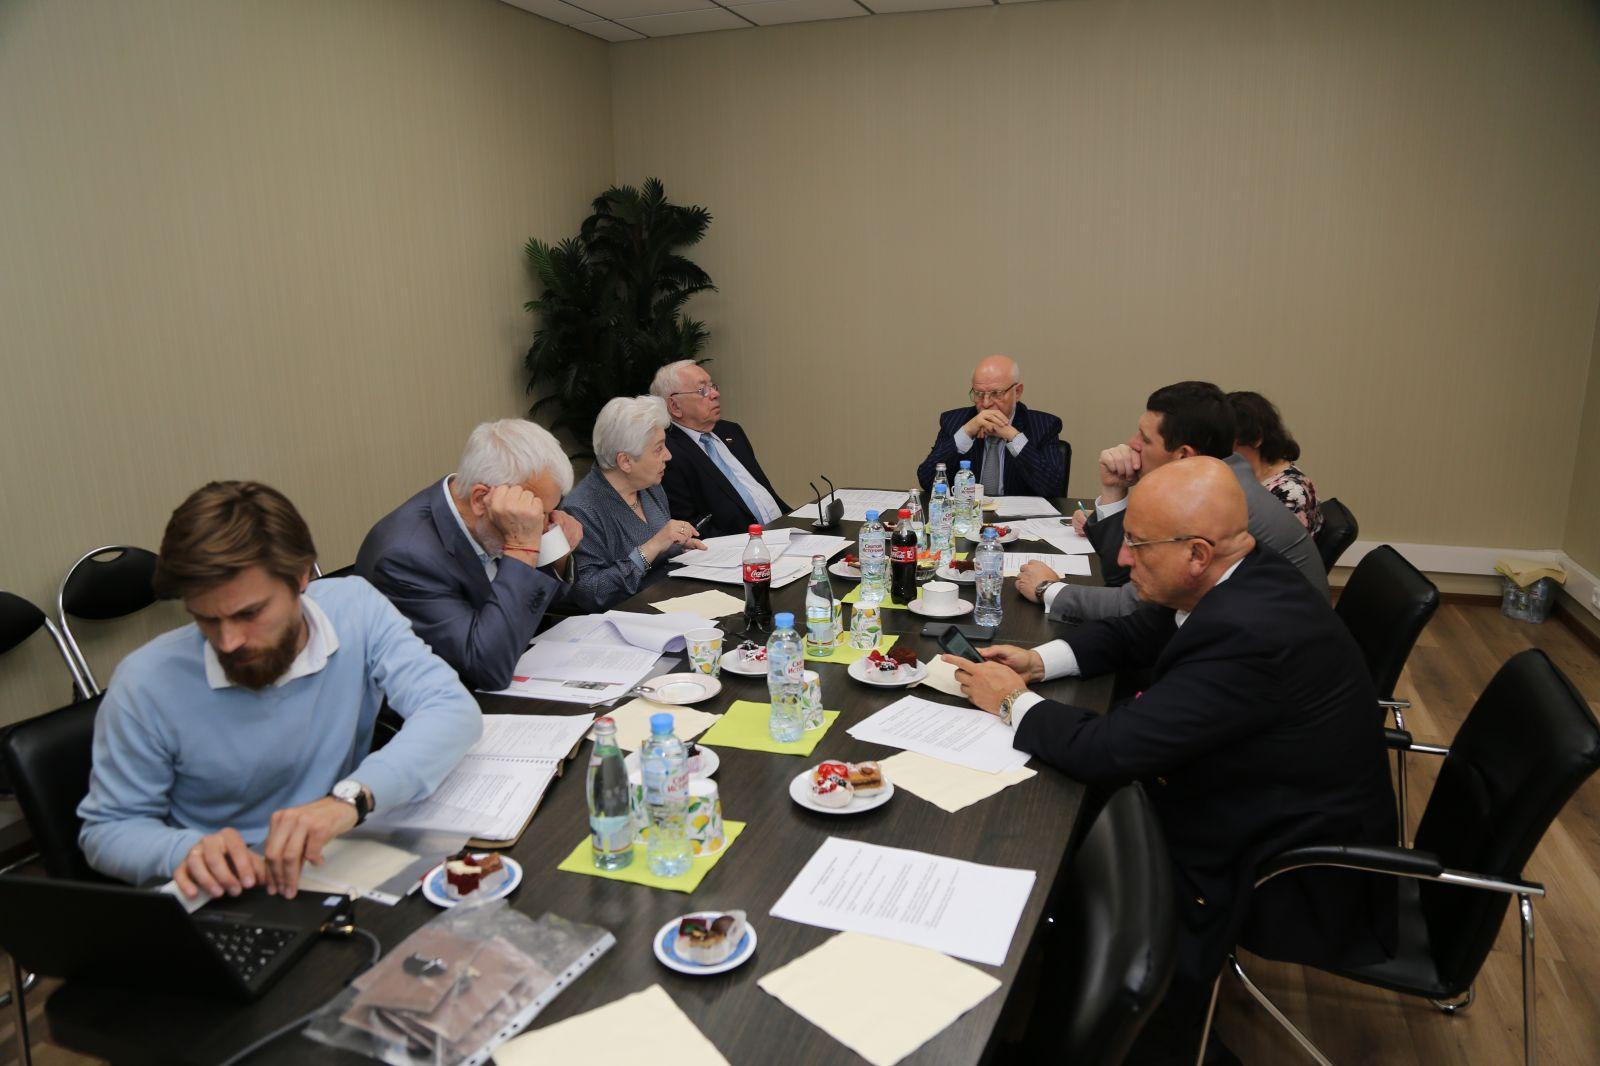 В офисе Паралимпийского комитета под руководством В.П. Лукина состоялось заседание членов Фонда «Увековечения памяти жертв политических репрессий»